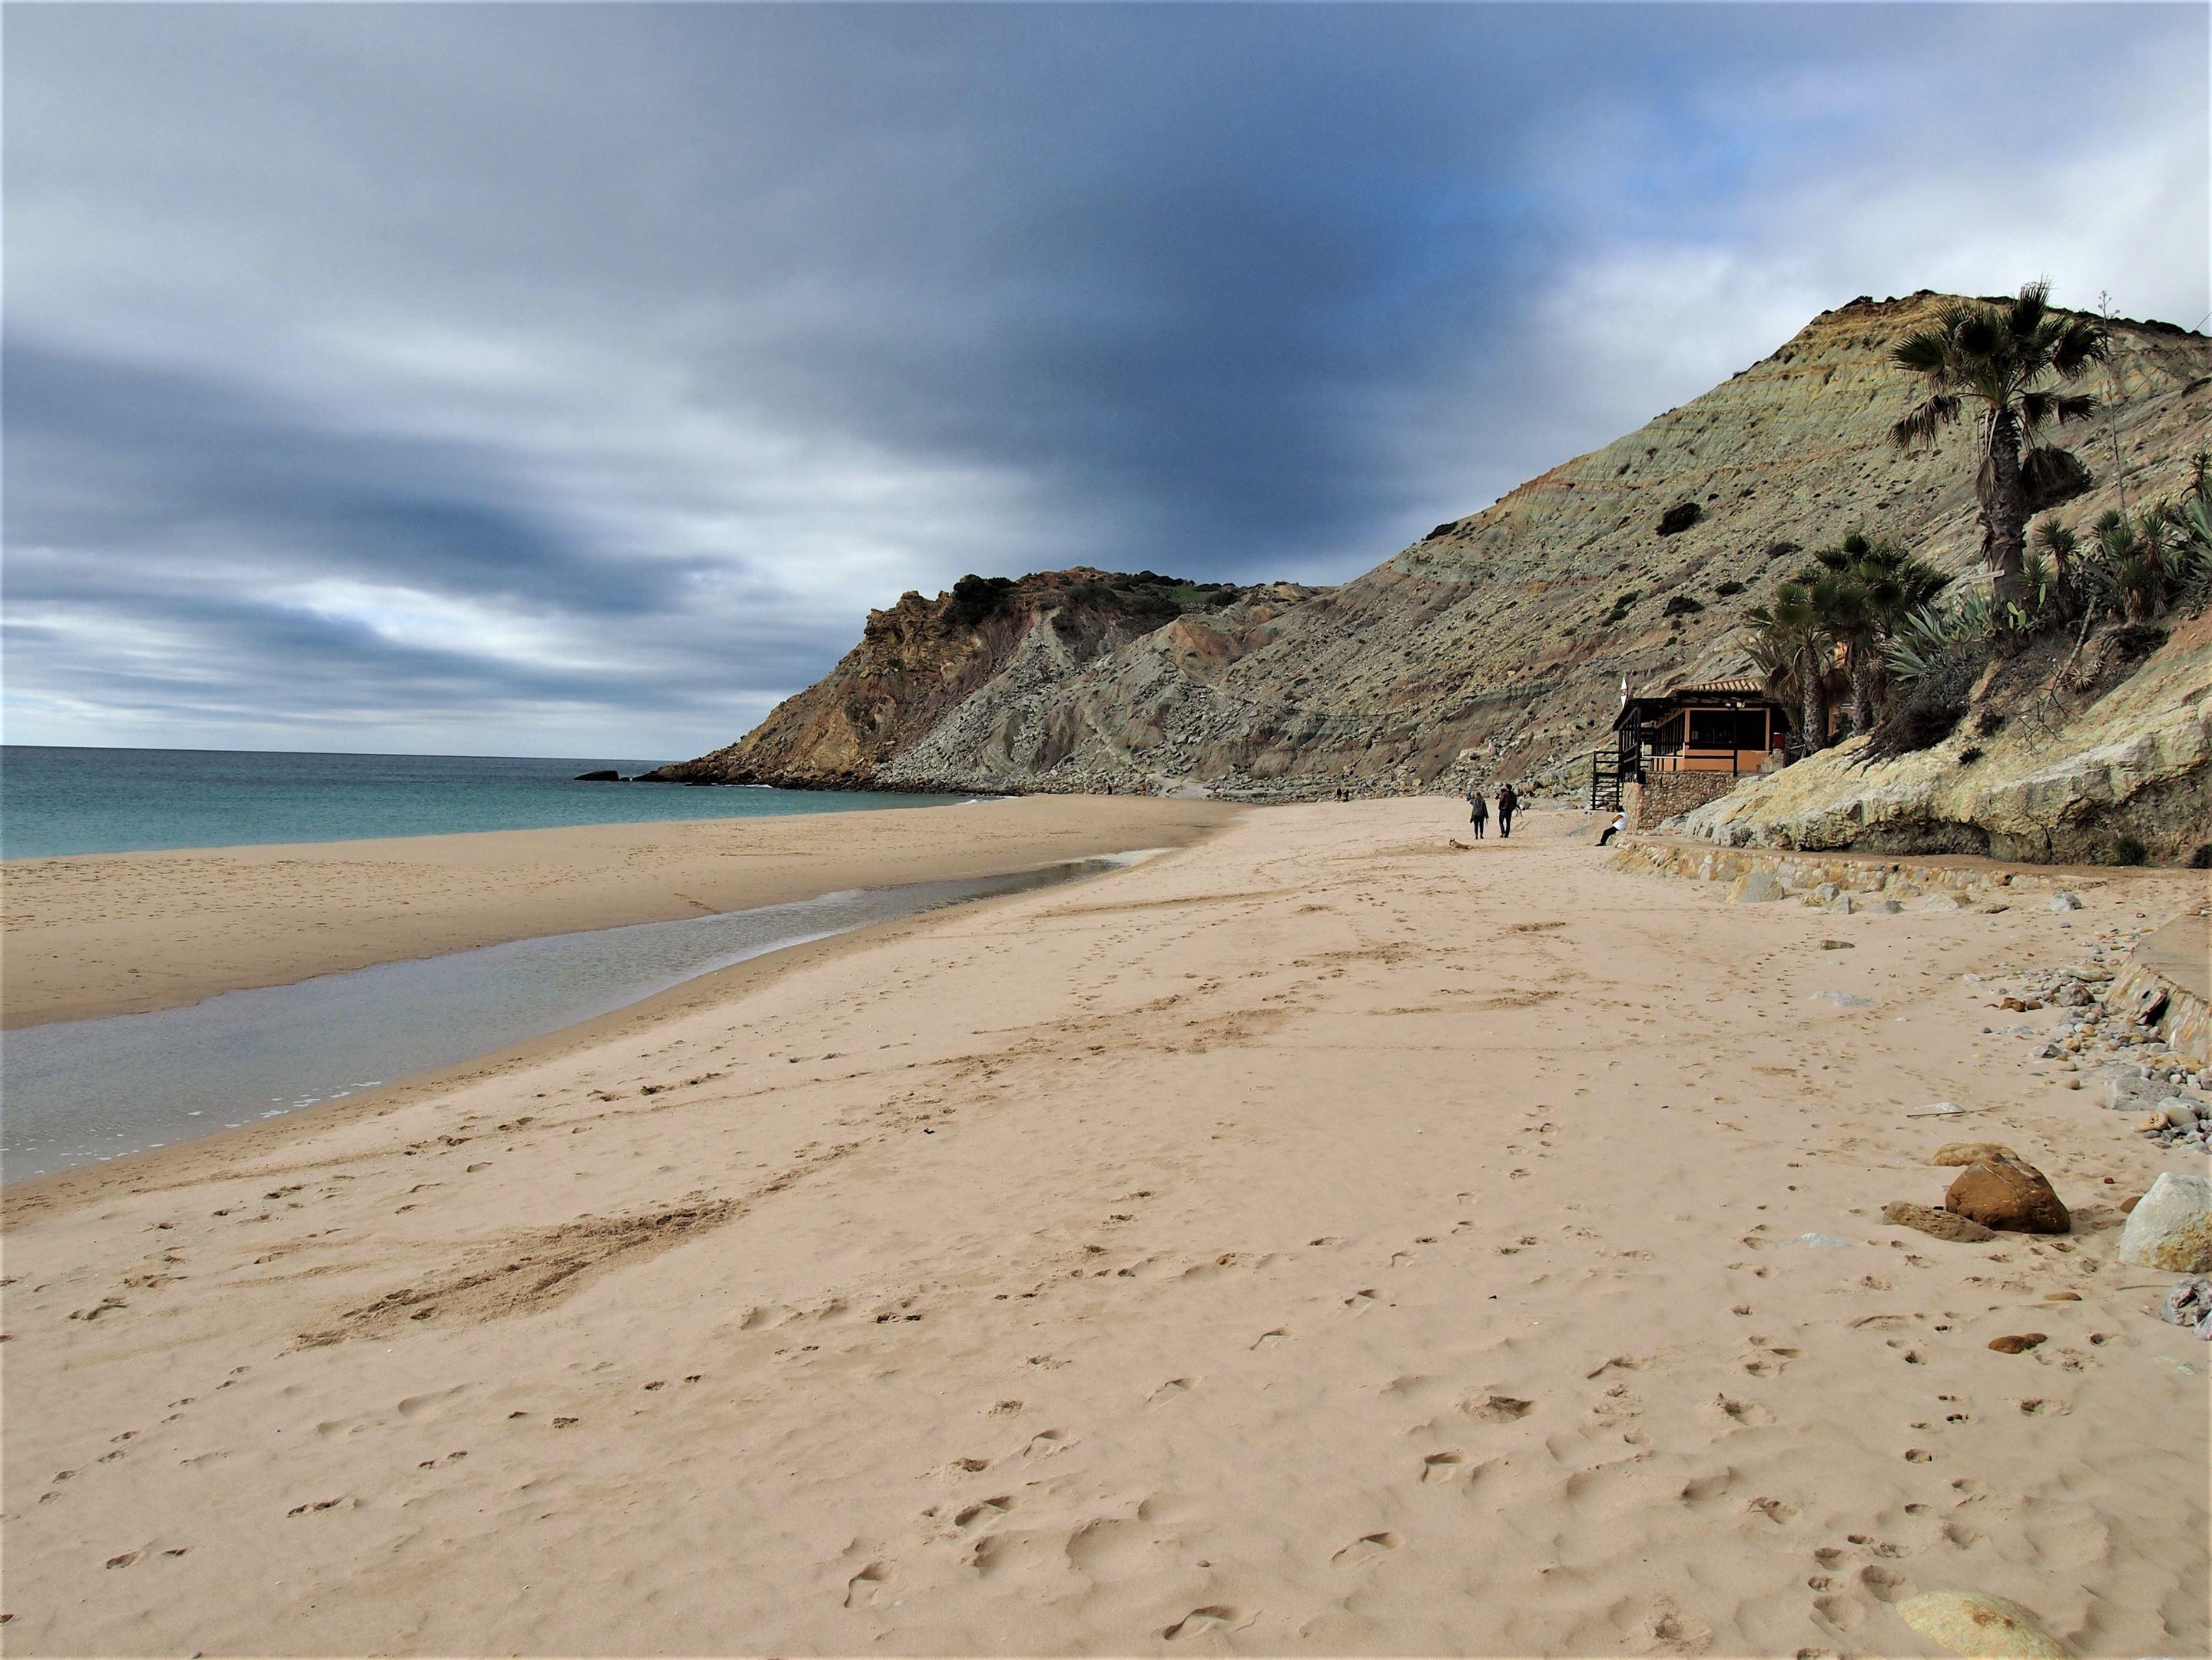 Praia de Burgau, Algarve